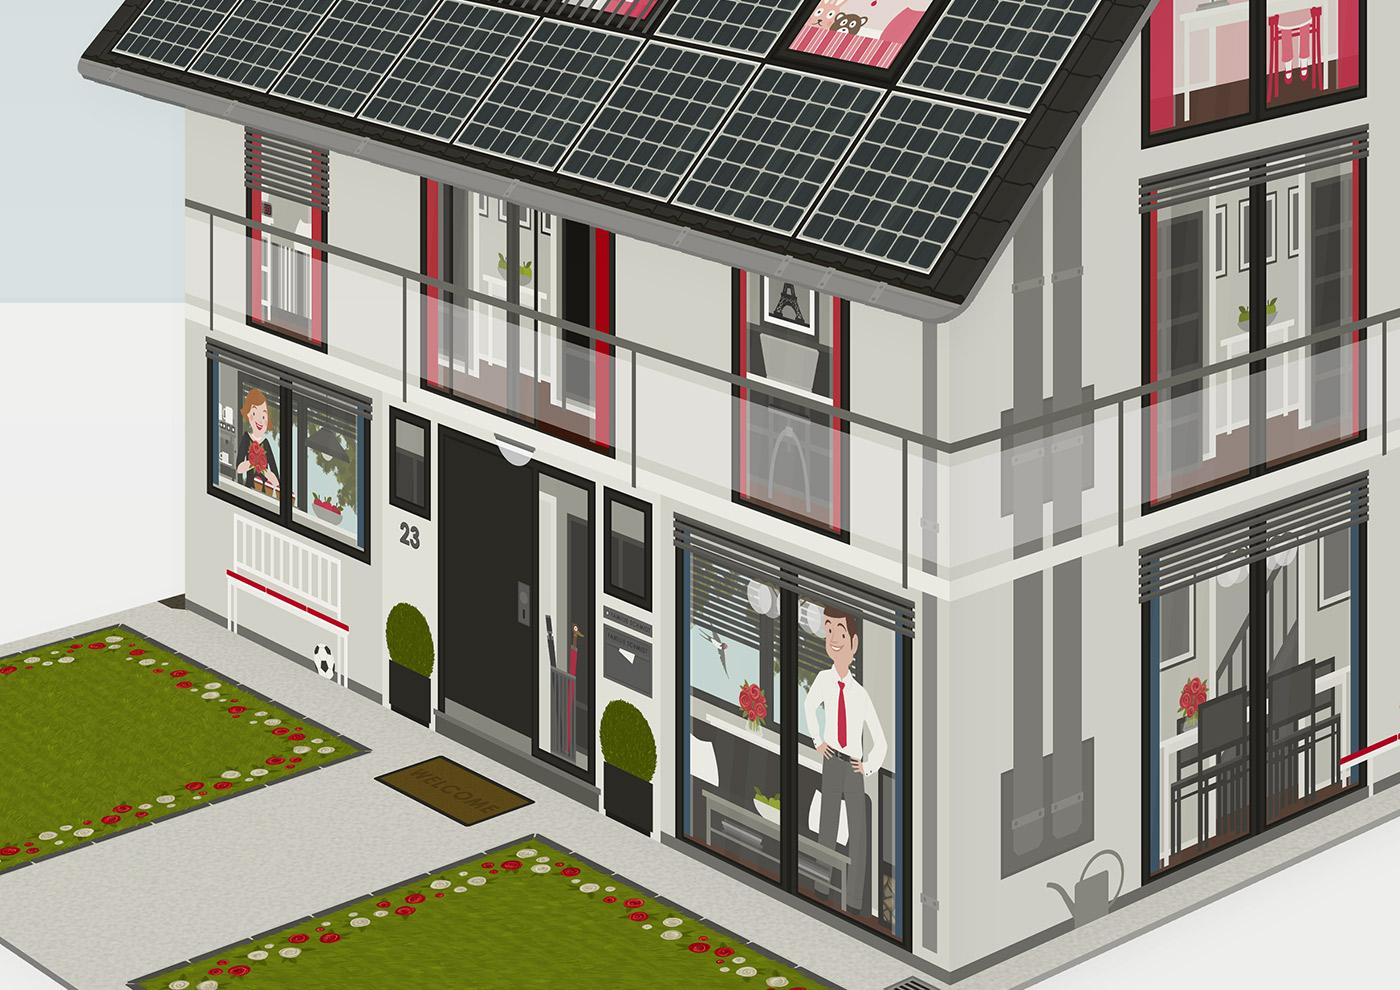 Faltbares Modell eines Hauses aus Pappe mit einer renovierten und einer unrenovierten Hälfte als Erklärhilfe für die Bausparer der Stadtsparkasse Wuppertal von Iris Luckhaus